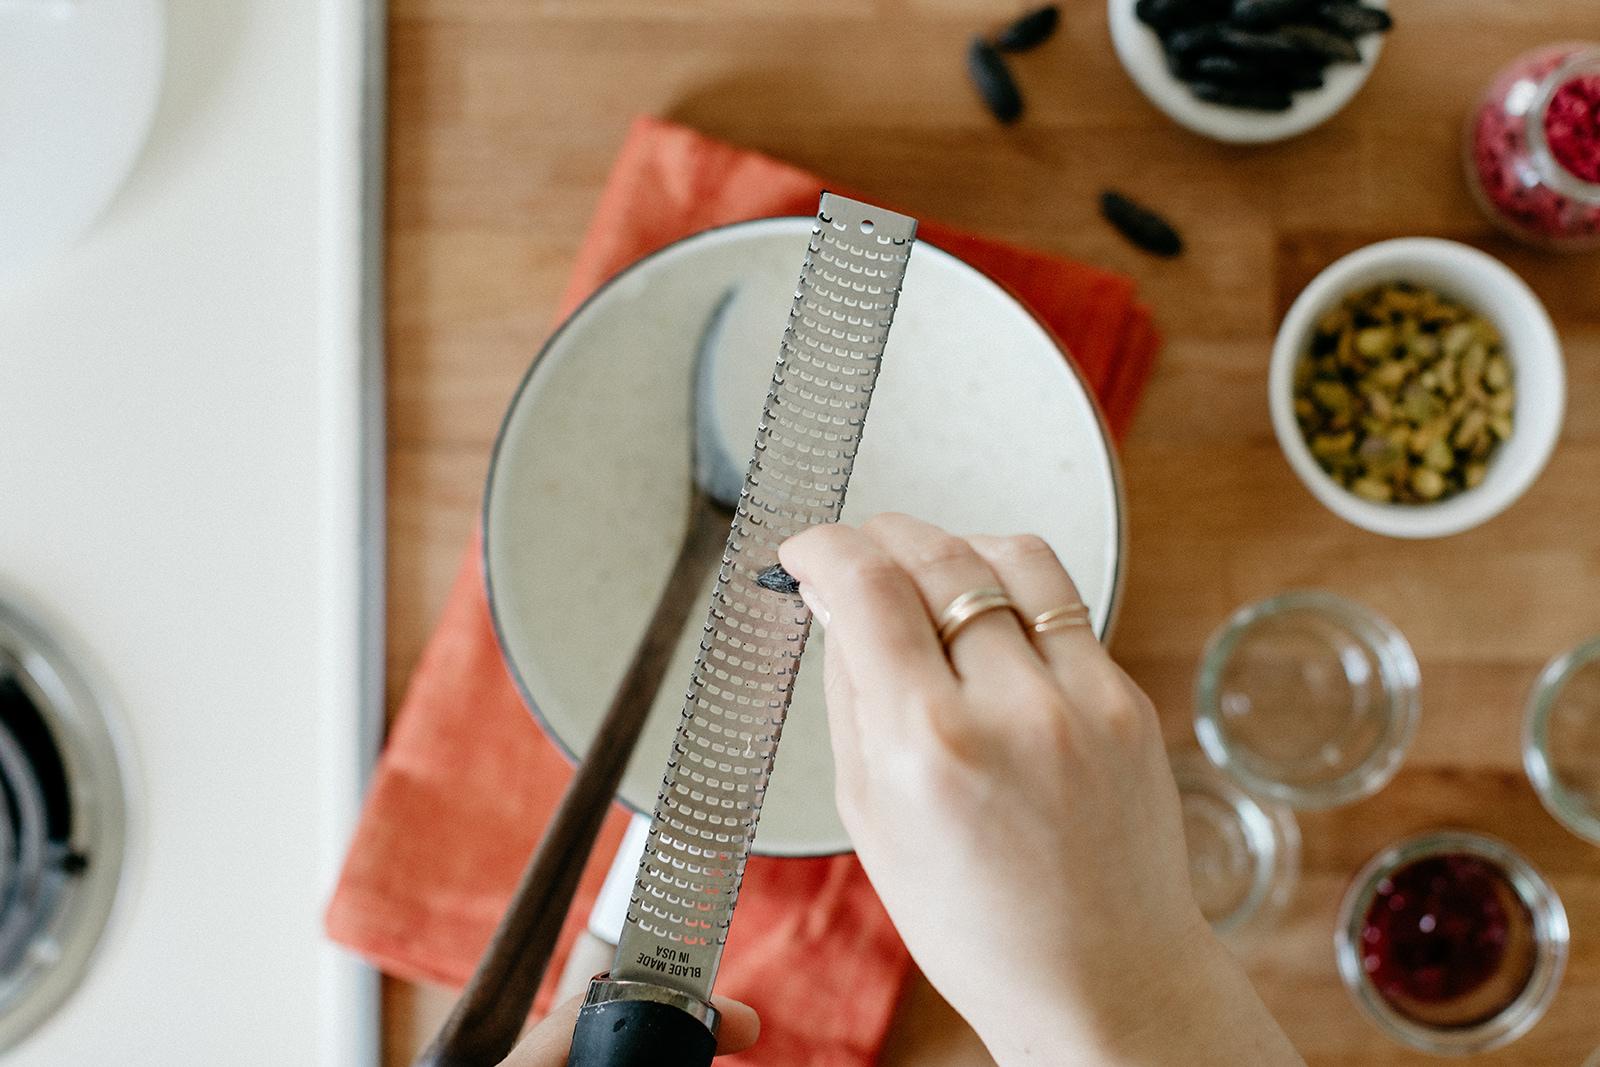 molly-yeh-bonne-maman-rice-pudding-8.jpg